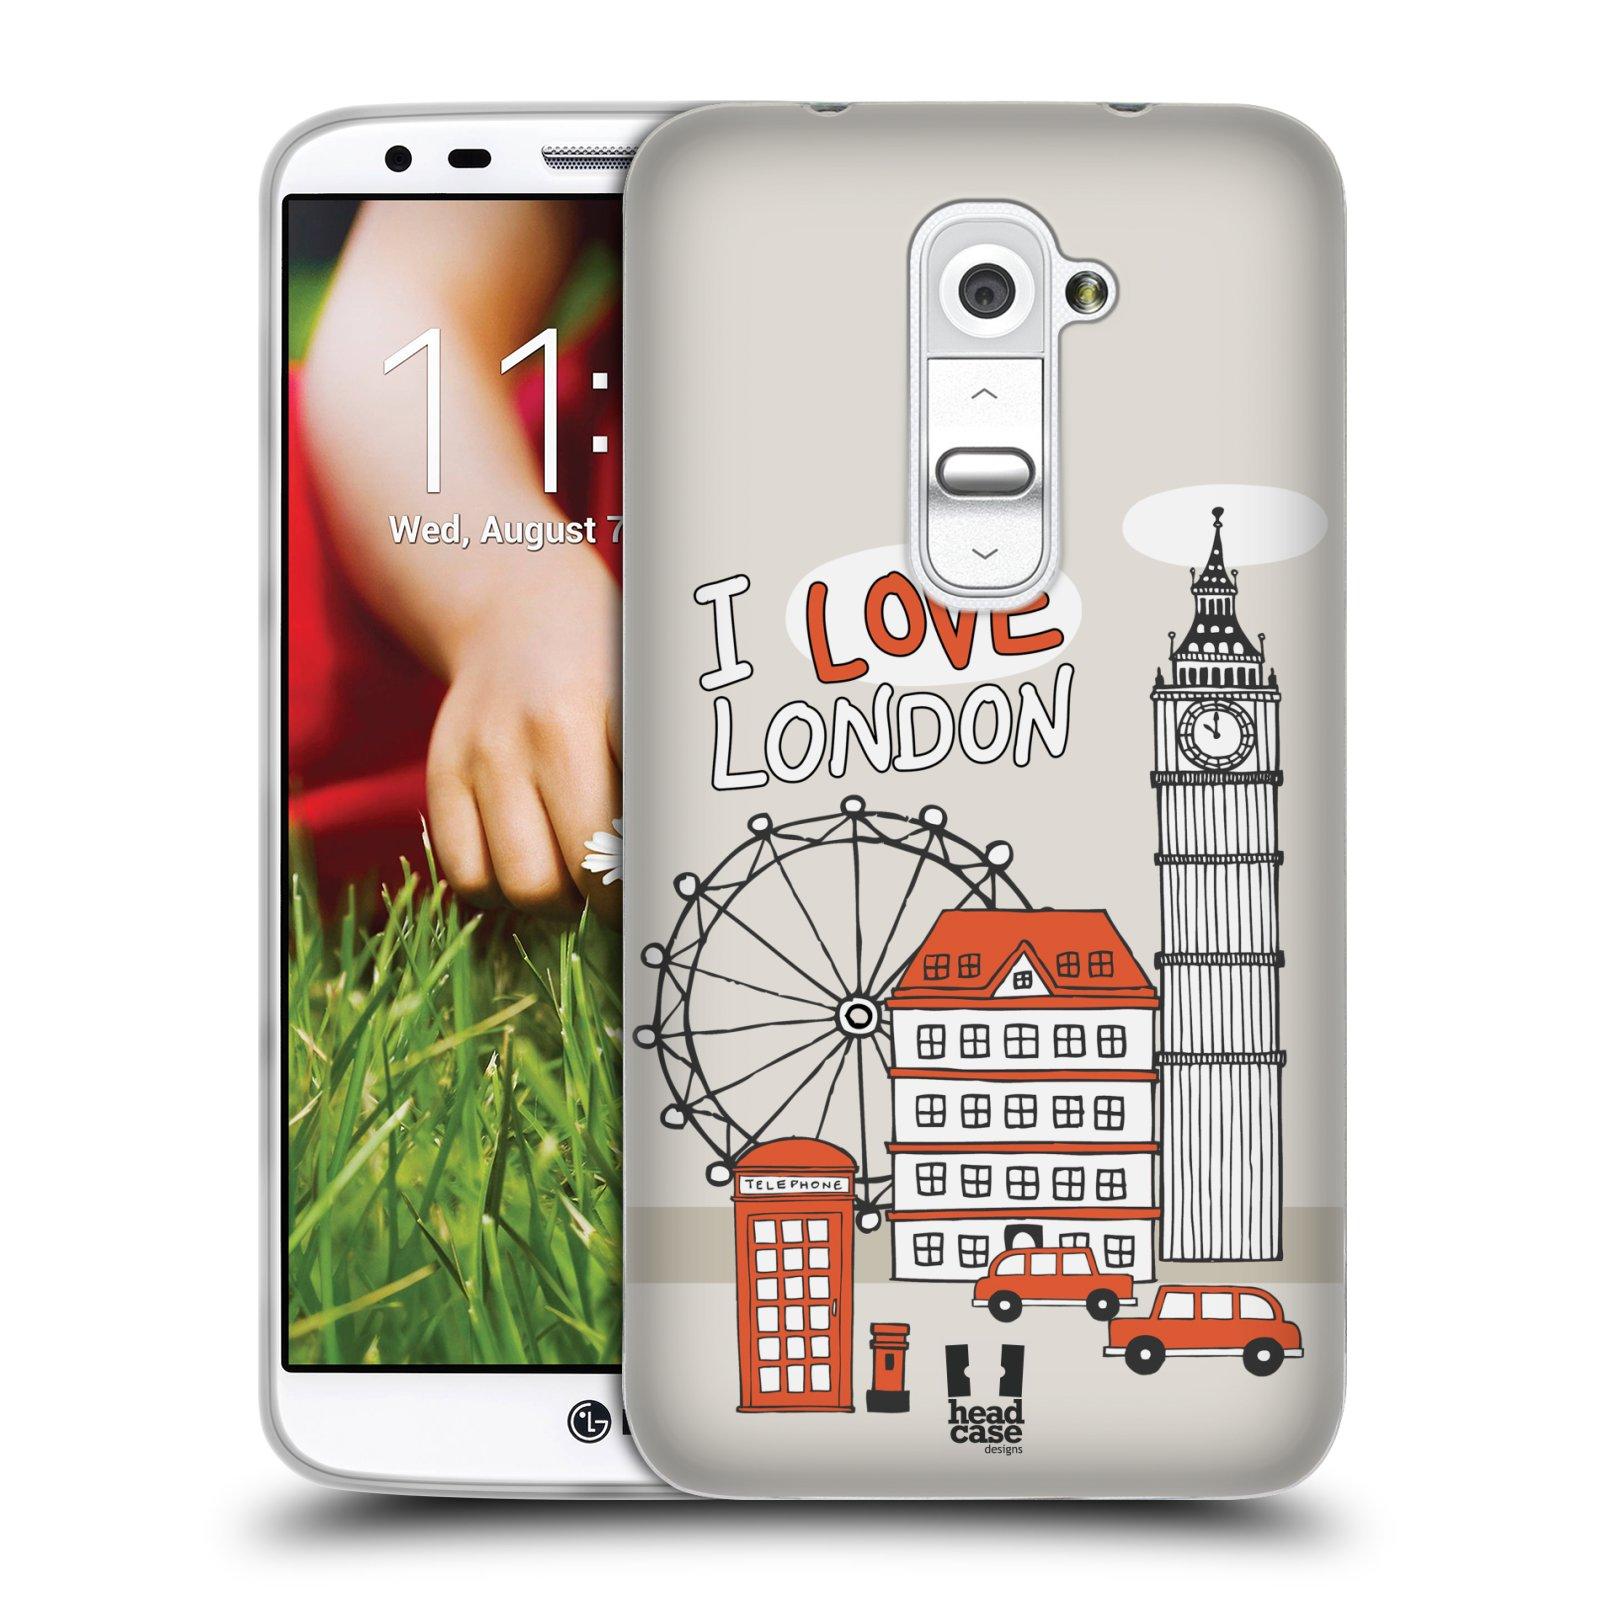 HEAD CASE silikonový obal na mobil LG G2 vzor Kreslená městečka ČERVENÁ, Anglie, Londýn, I LOVE LONDON